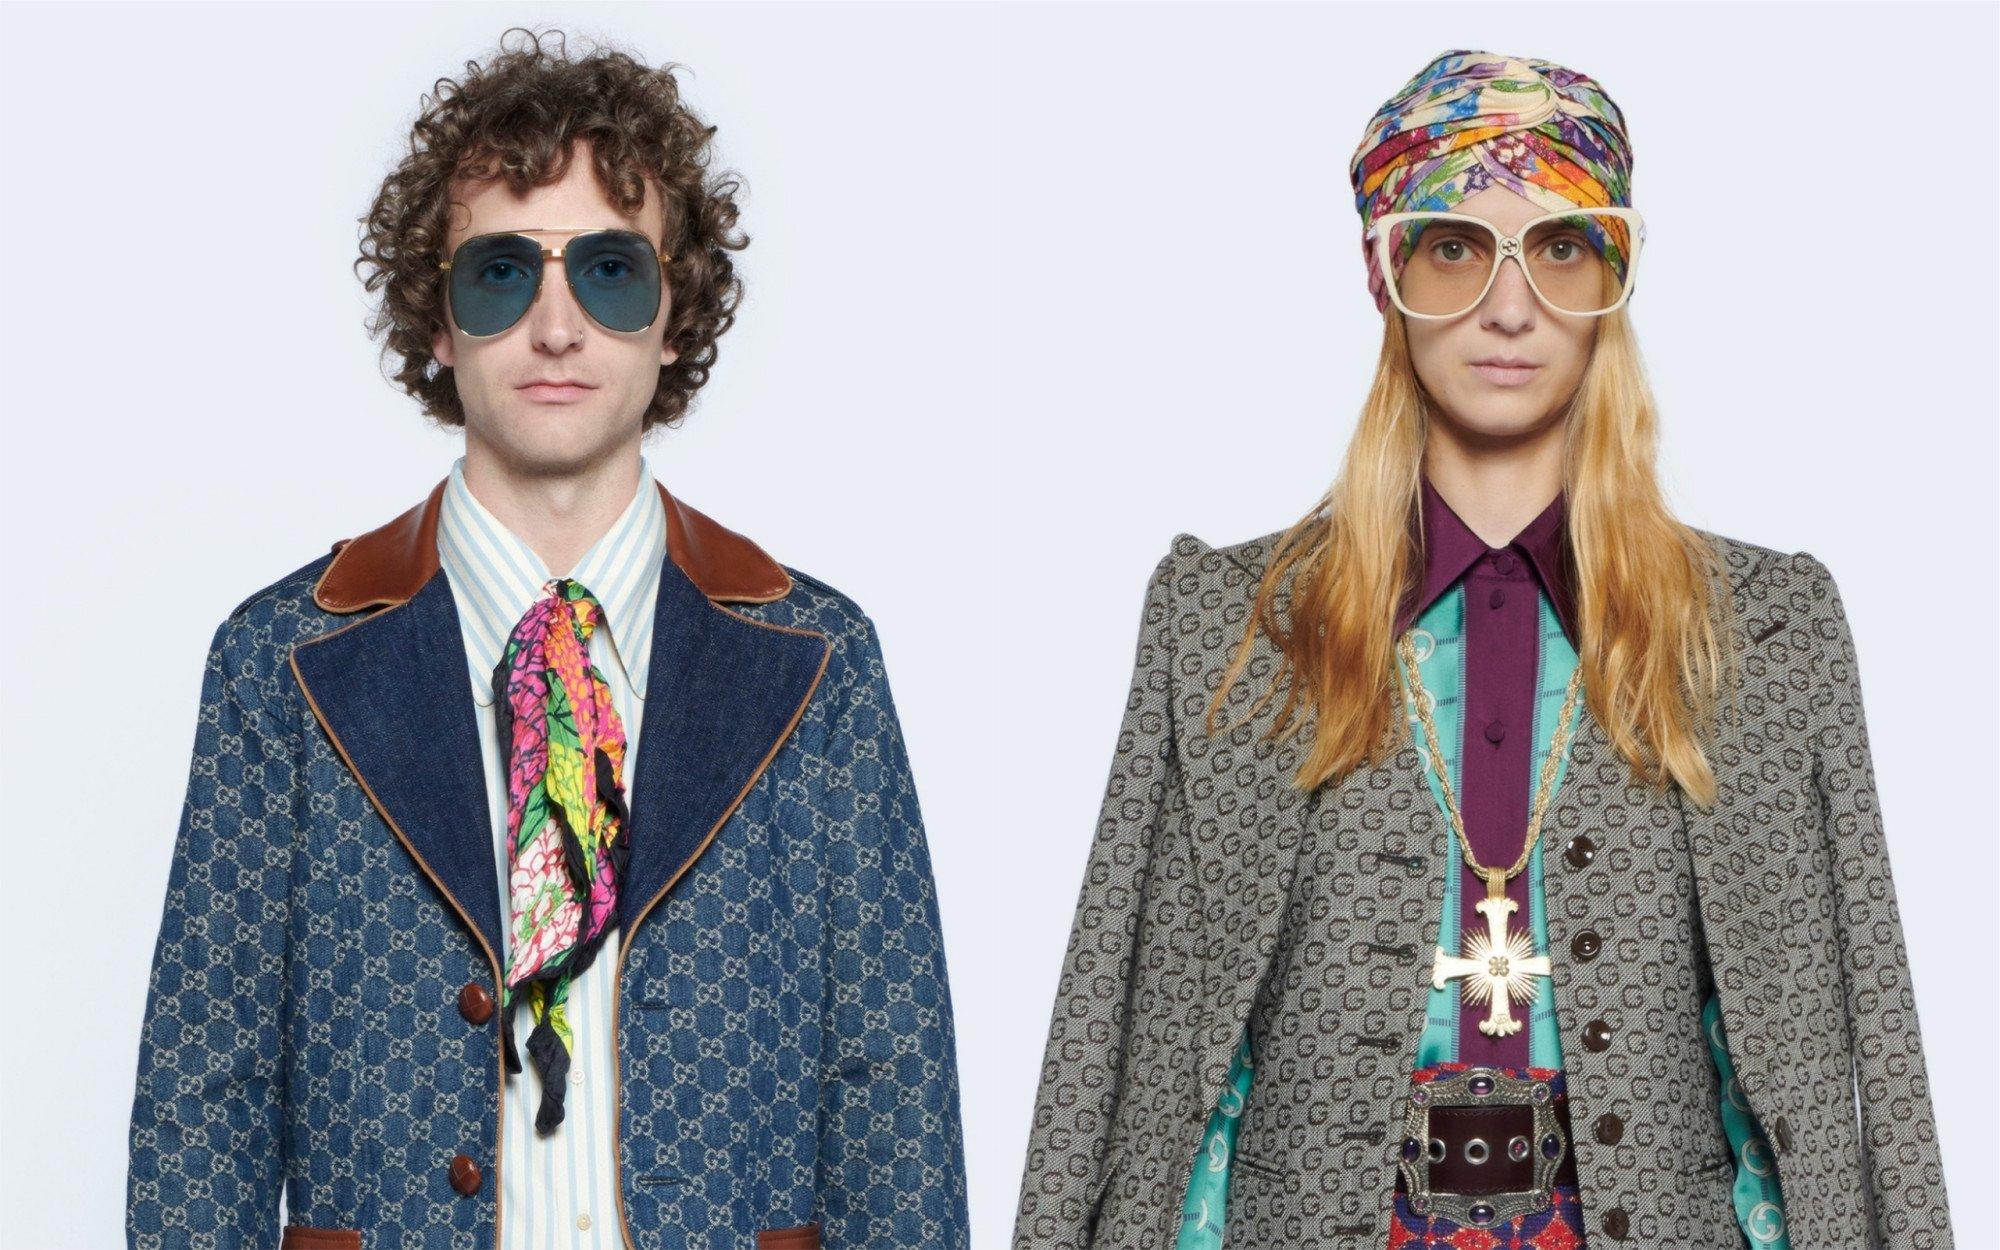 Gen Z không còn hứng thú với những món hàng xa xỉ - Sự chấm hết của Gucci, Louis Vuitton và Chanel? - Ảnh 5.